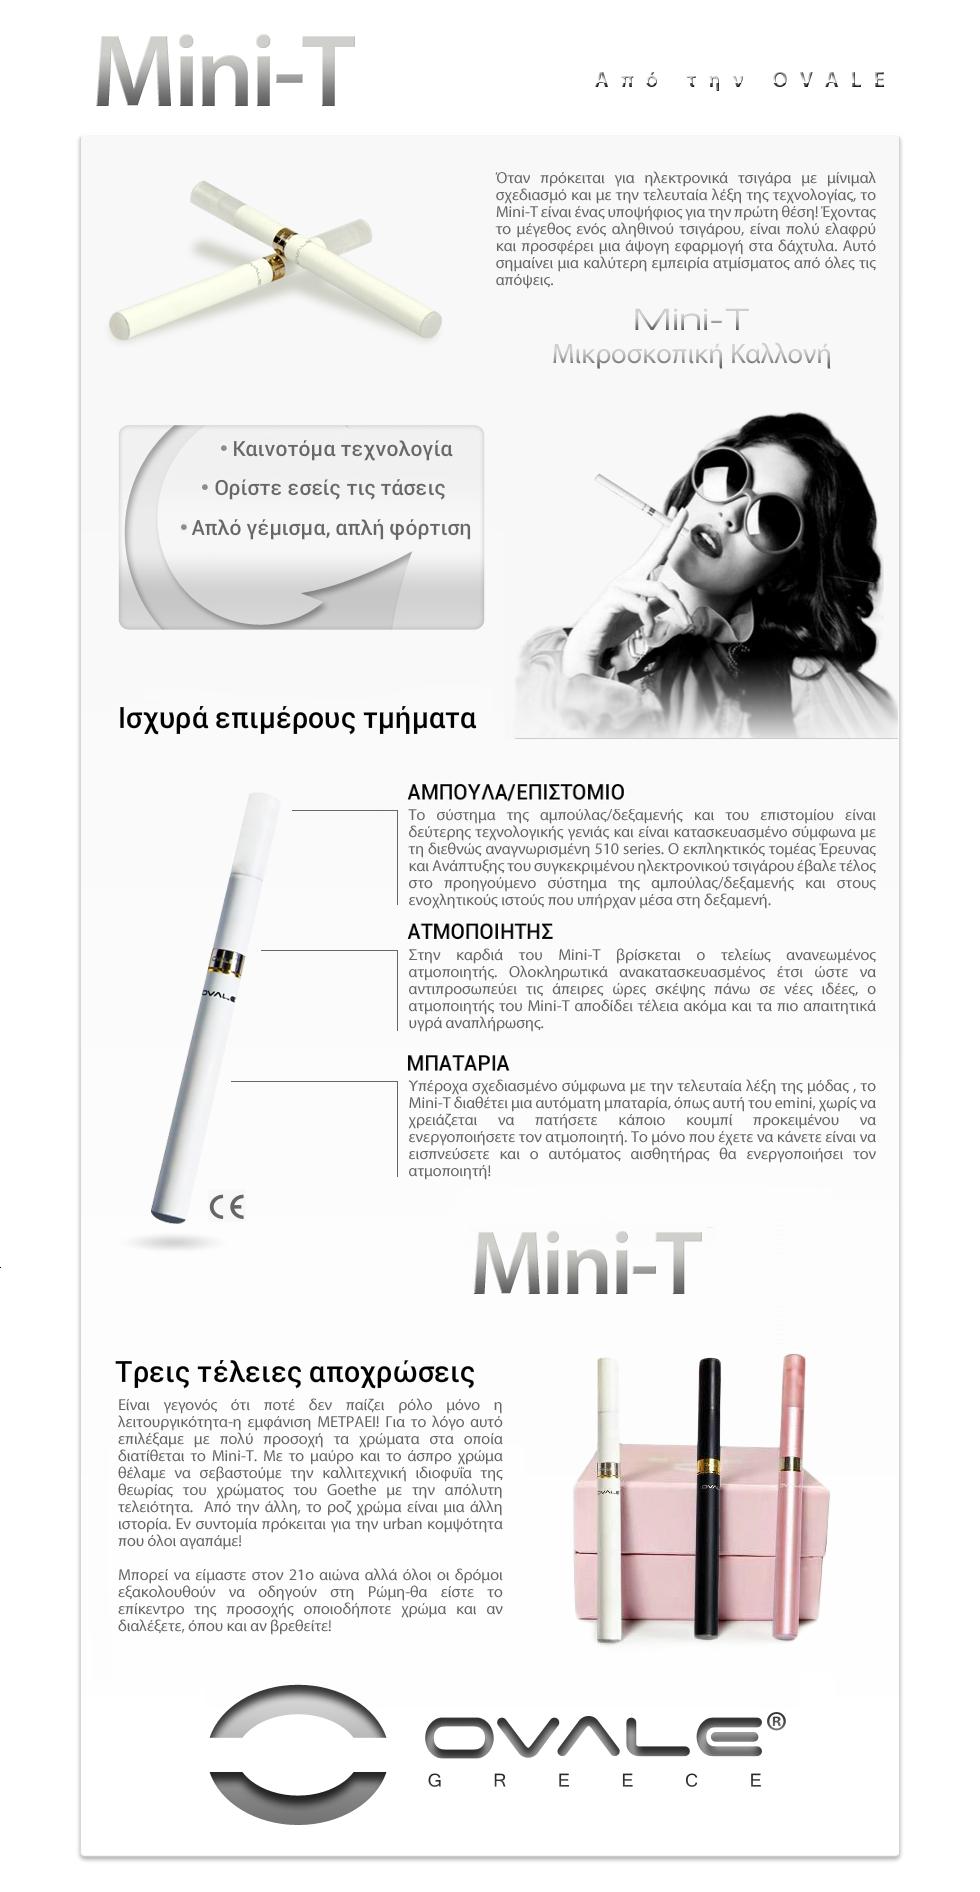 ηλεκτρονικό τσιγάρο, υγρό αναπλήρωσης ηλεκτρονικού τσιγάρου, κόψιμο καπνίσματος, ovale, joyetech, mini